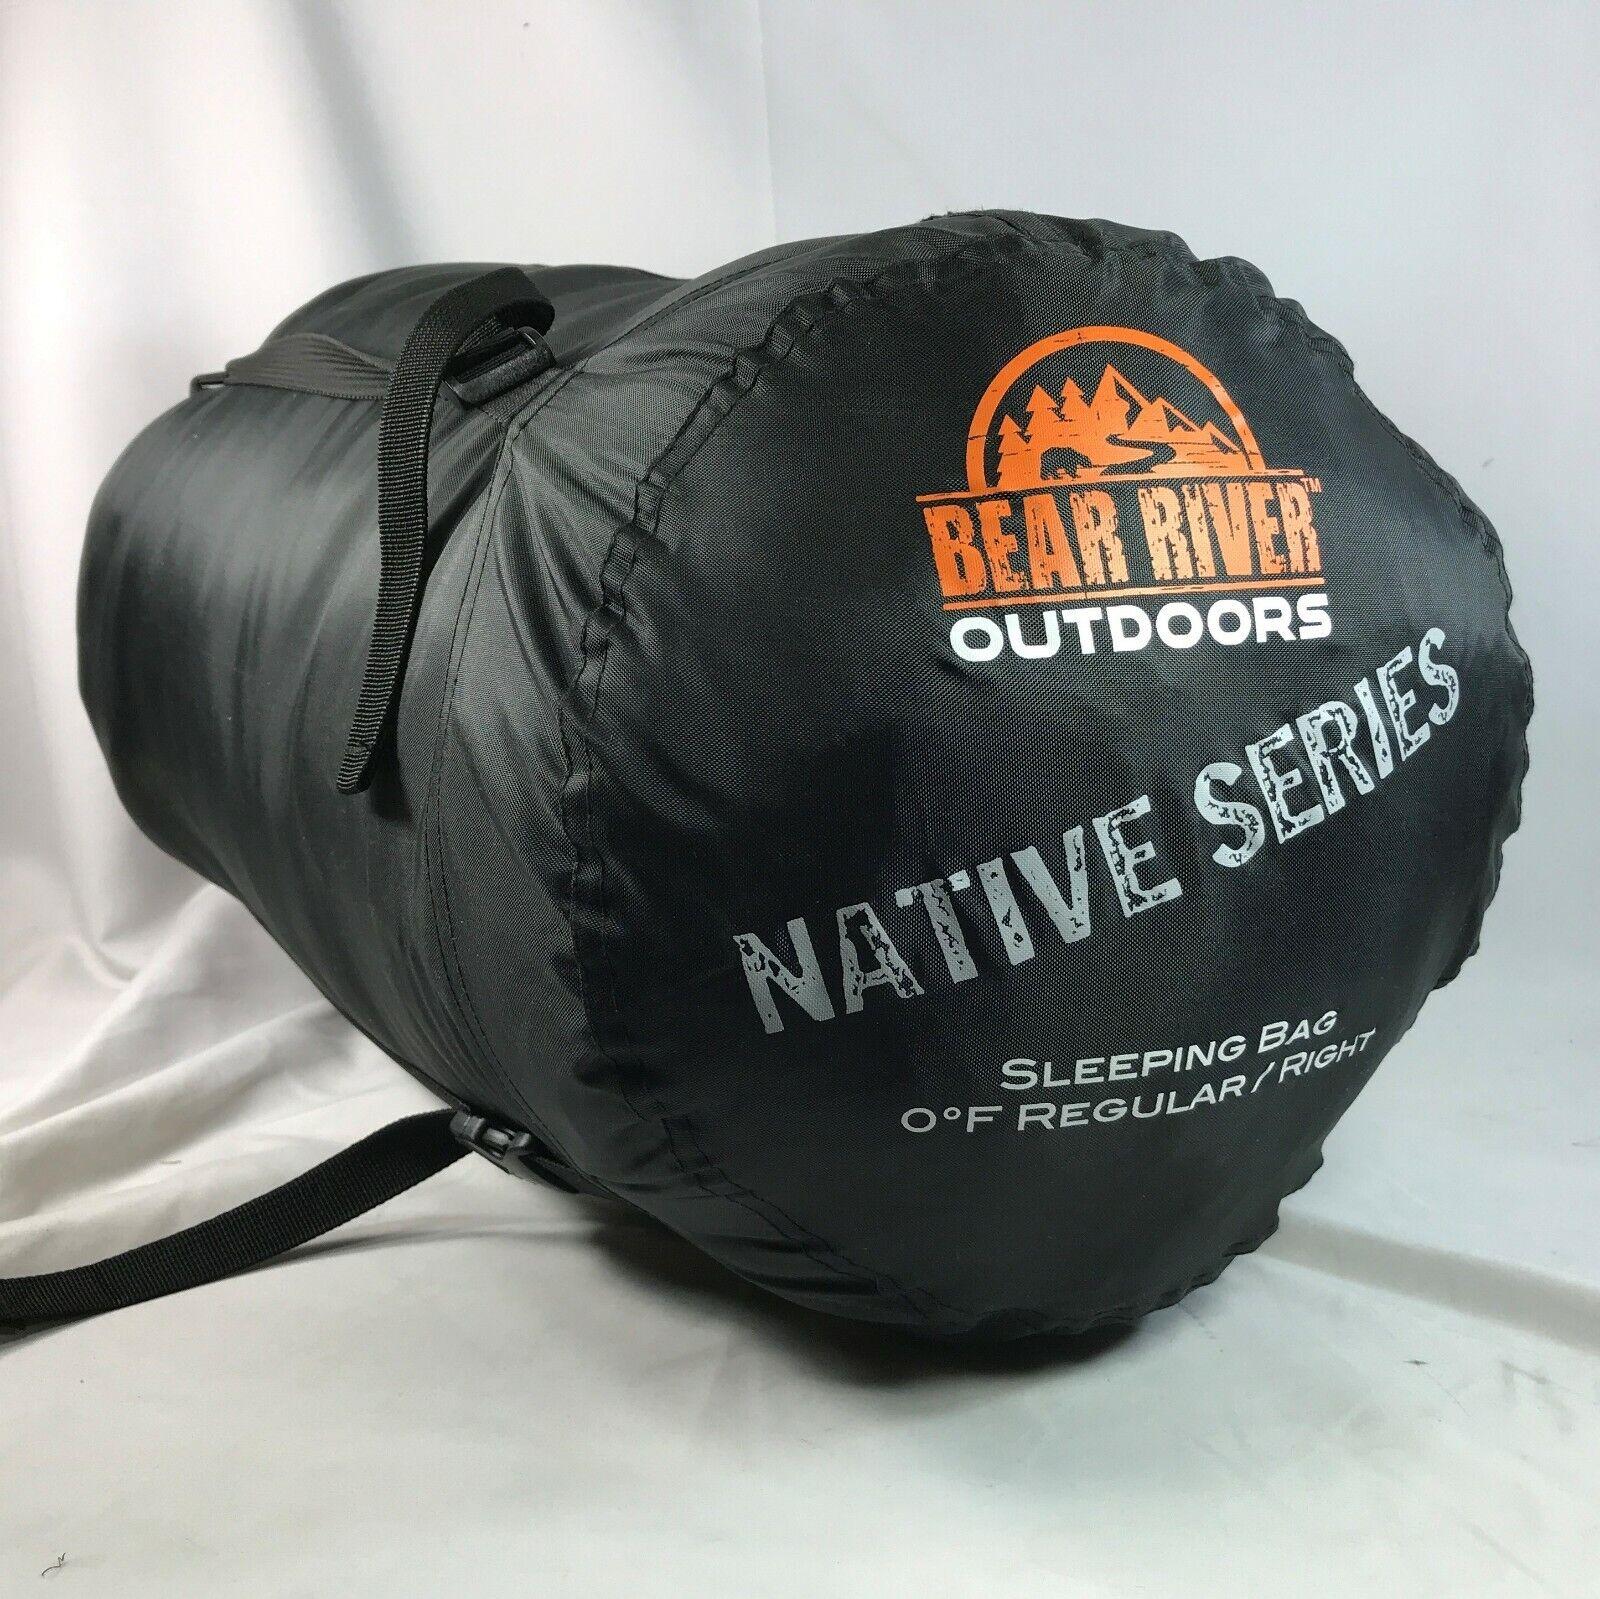 Bear River Outdoors Native Series Sleeping Bag Camping 0 Degree